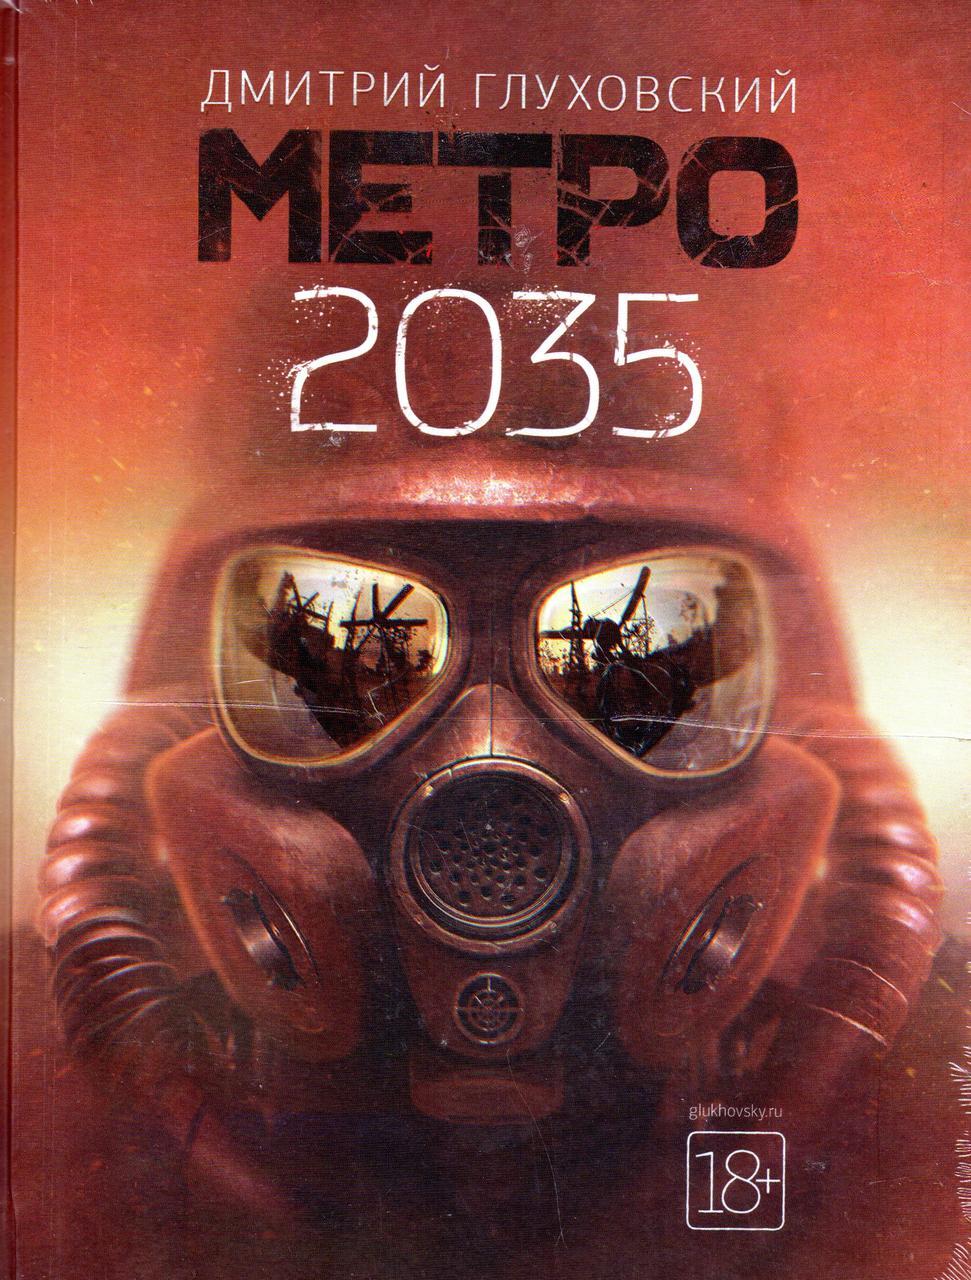 Метро 2035. Дмитрий Глуховский